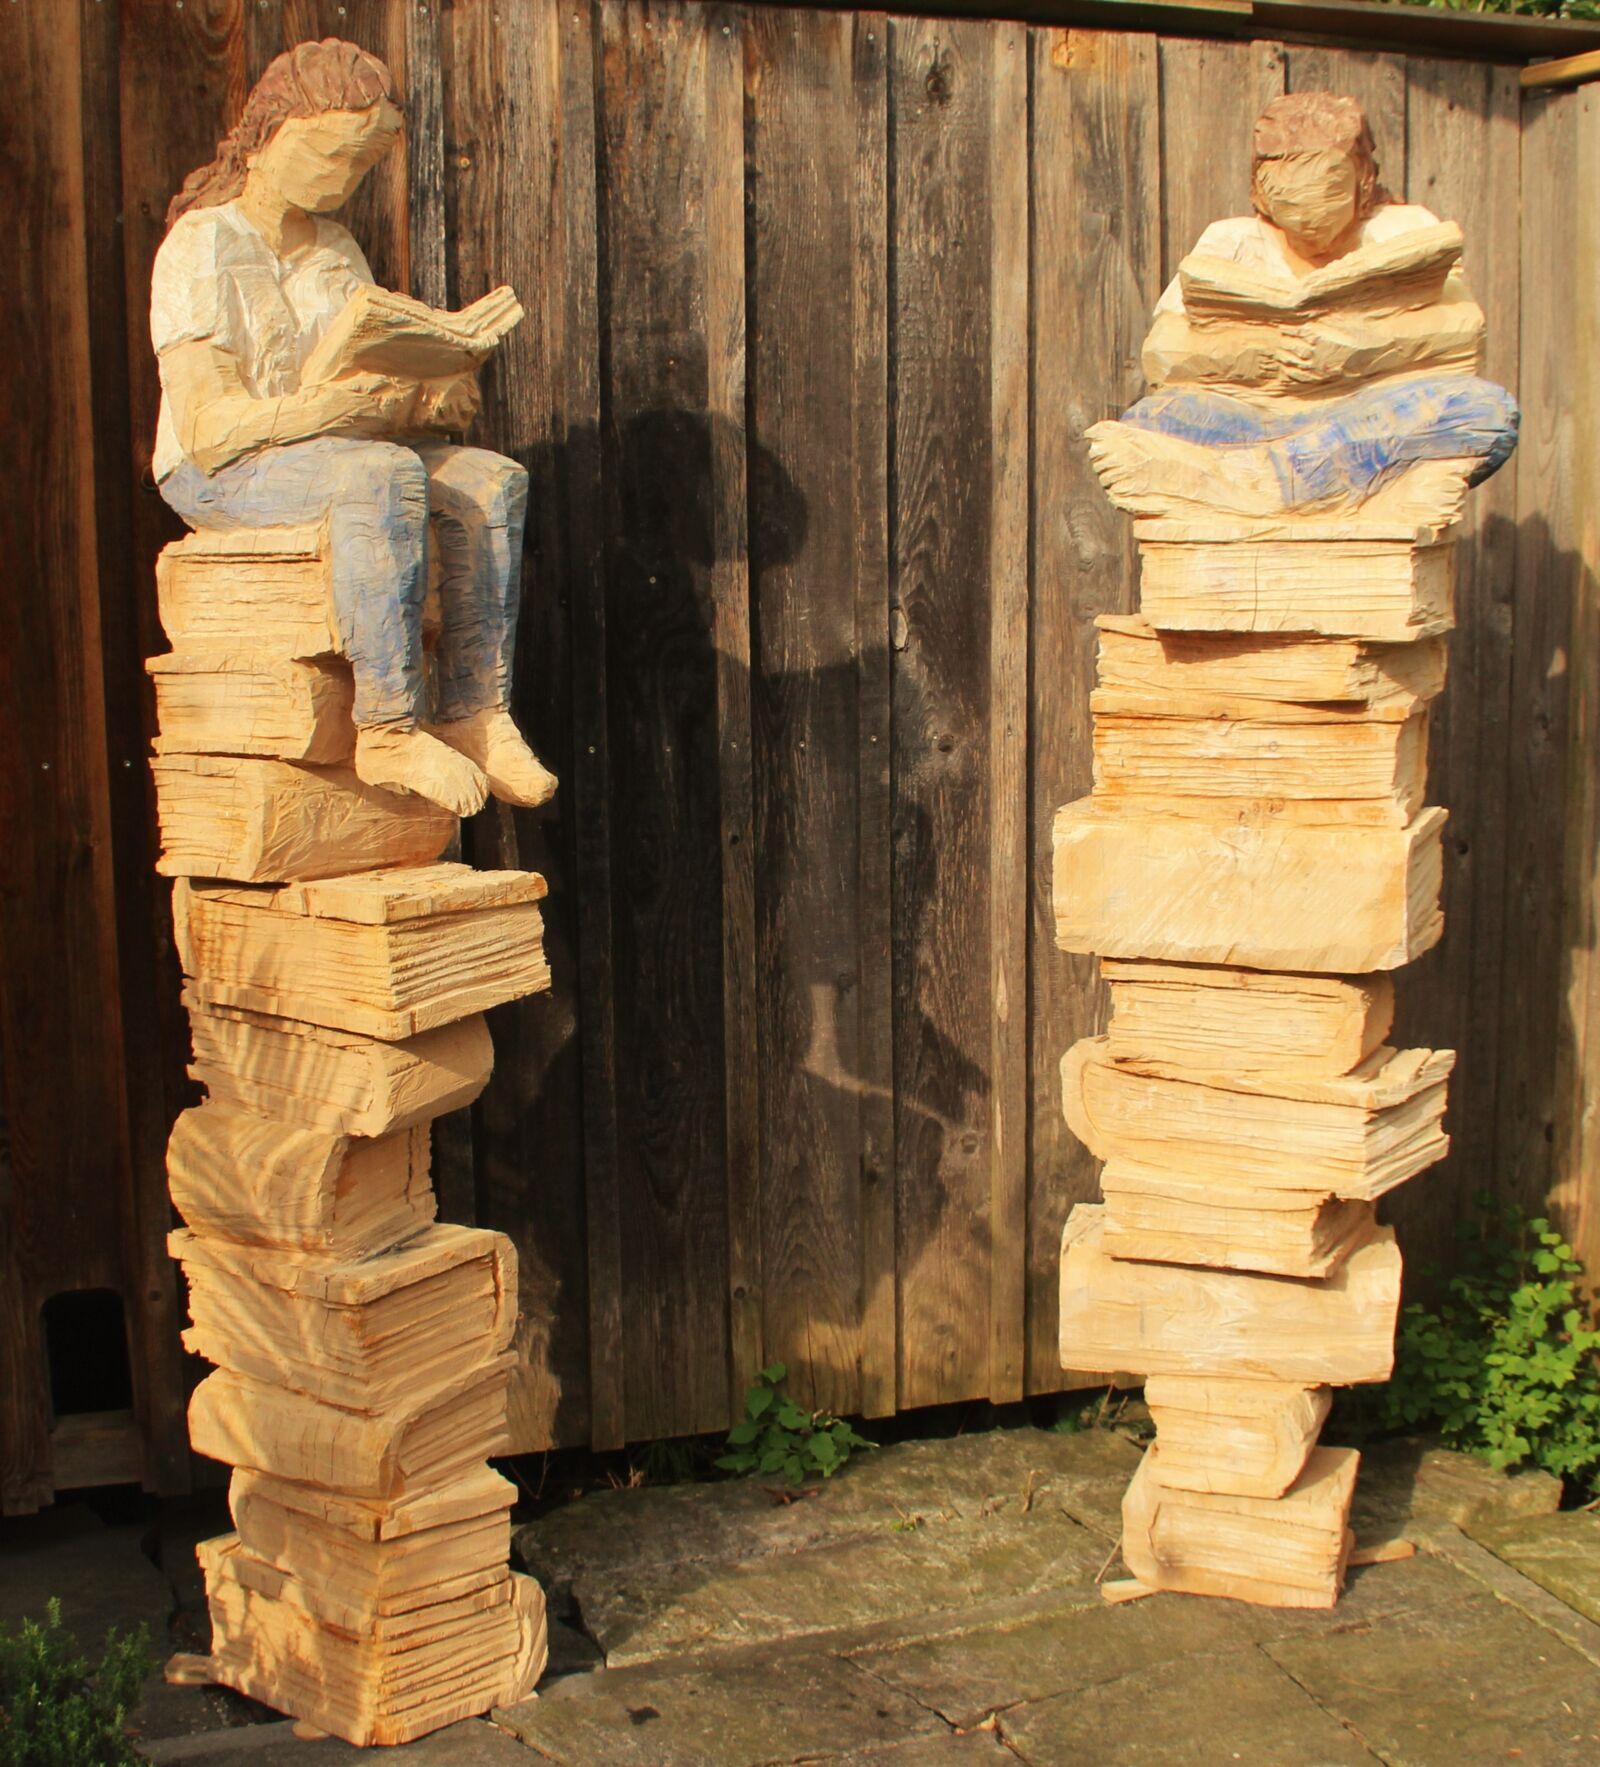 Lesende auf Büchern